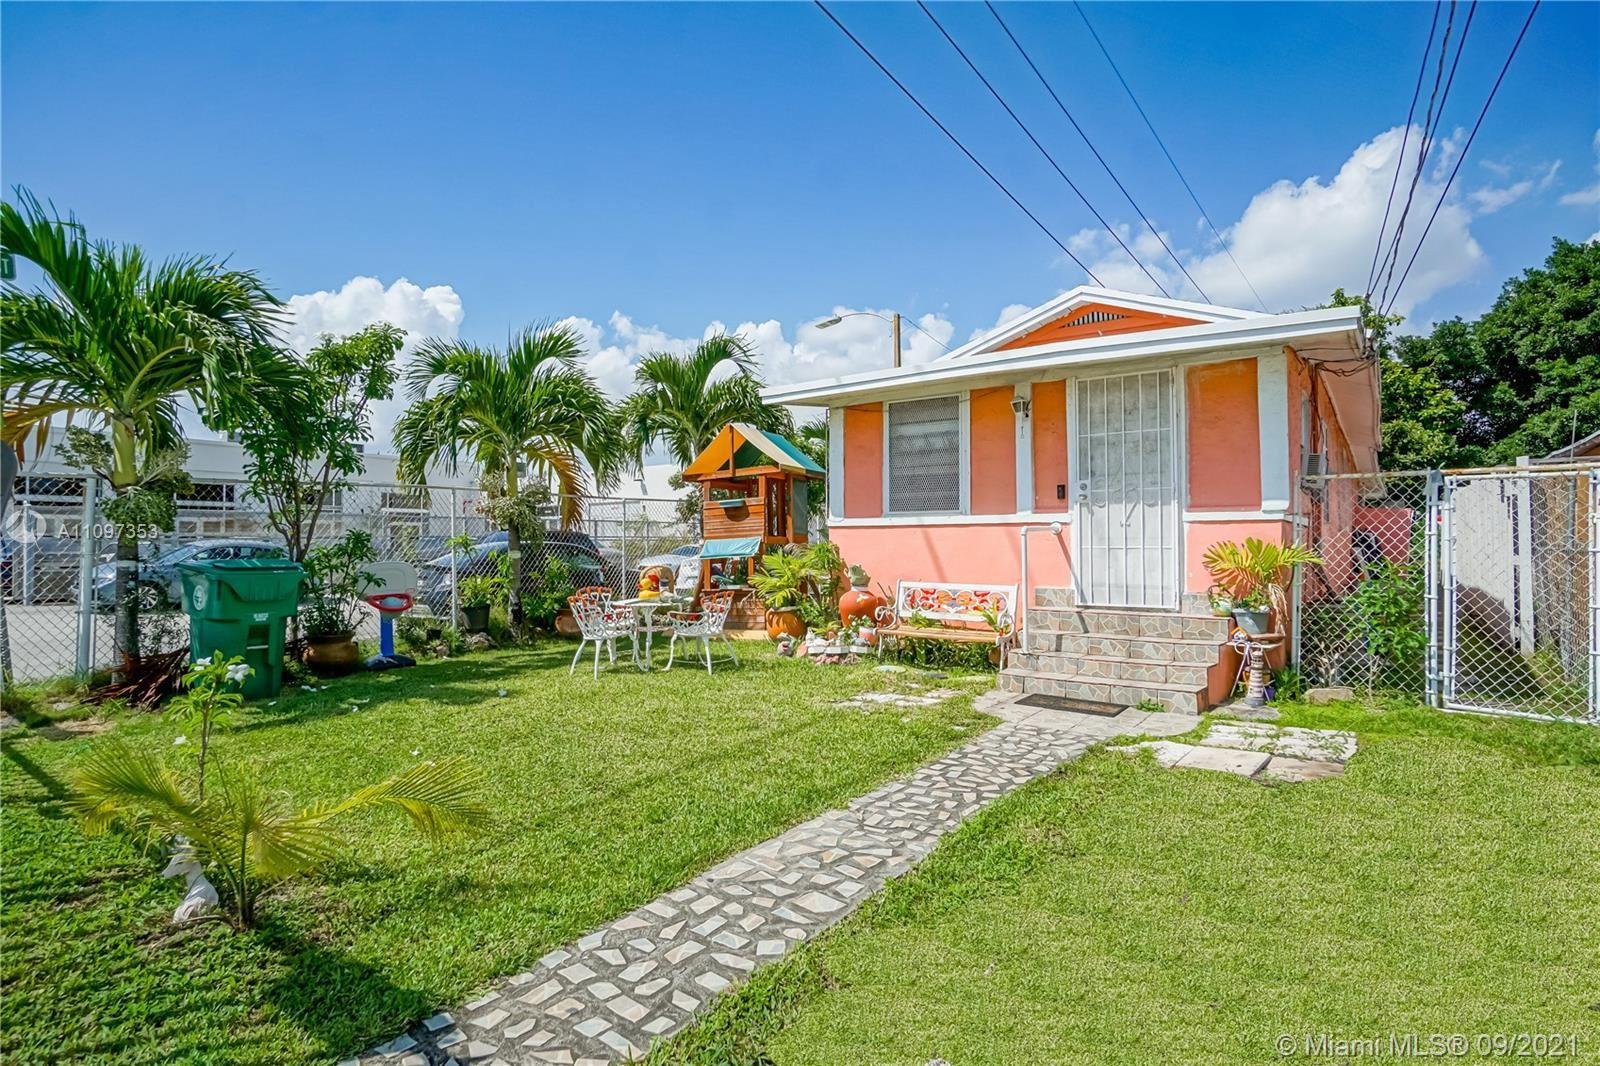 7500 NE 3rd Pl, Miami, FL 33138 - #: A11097353